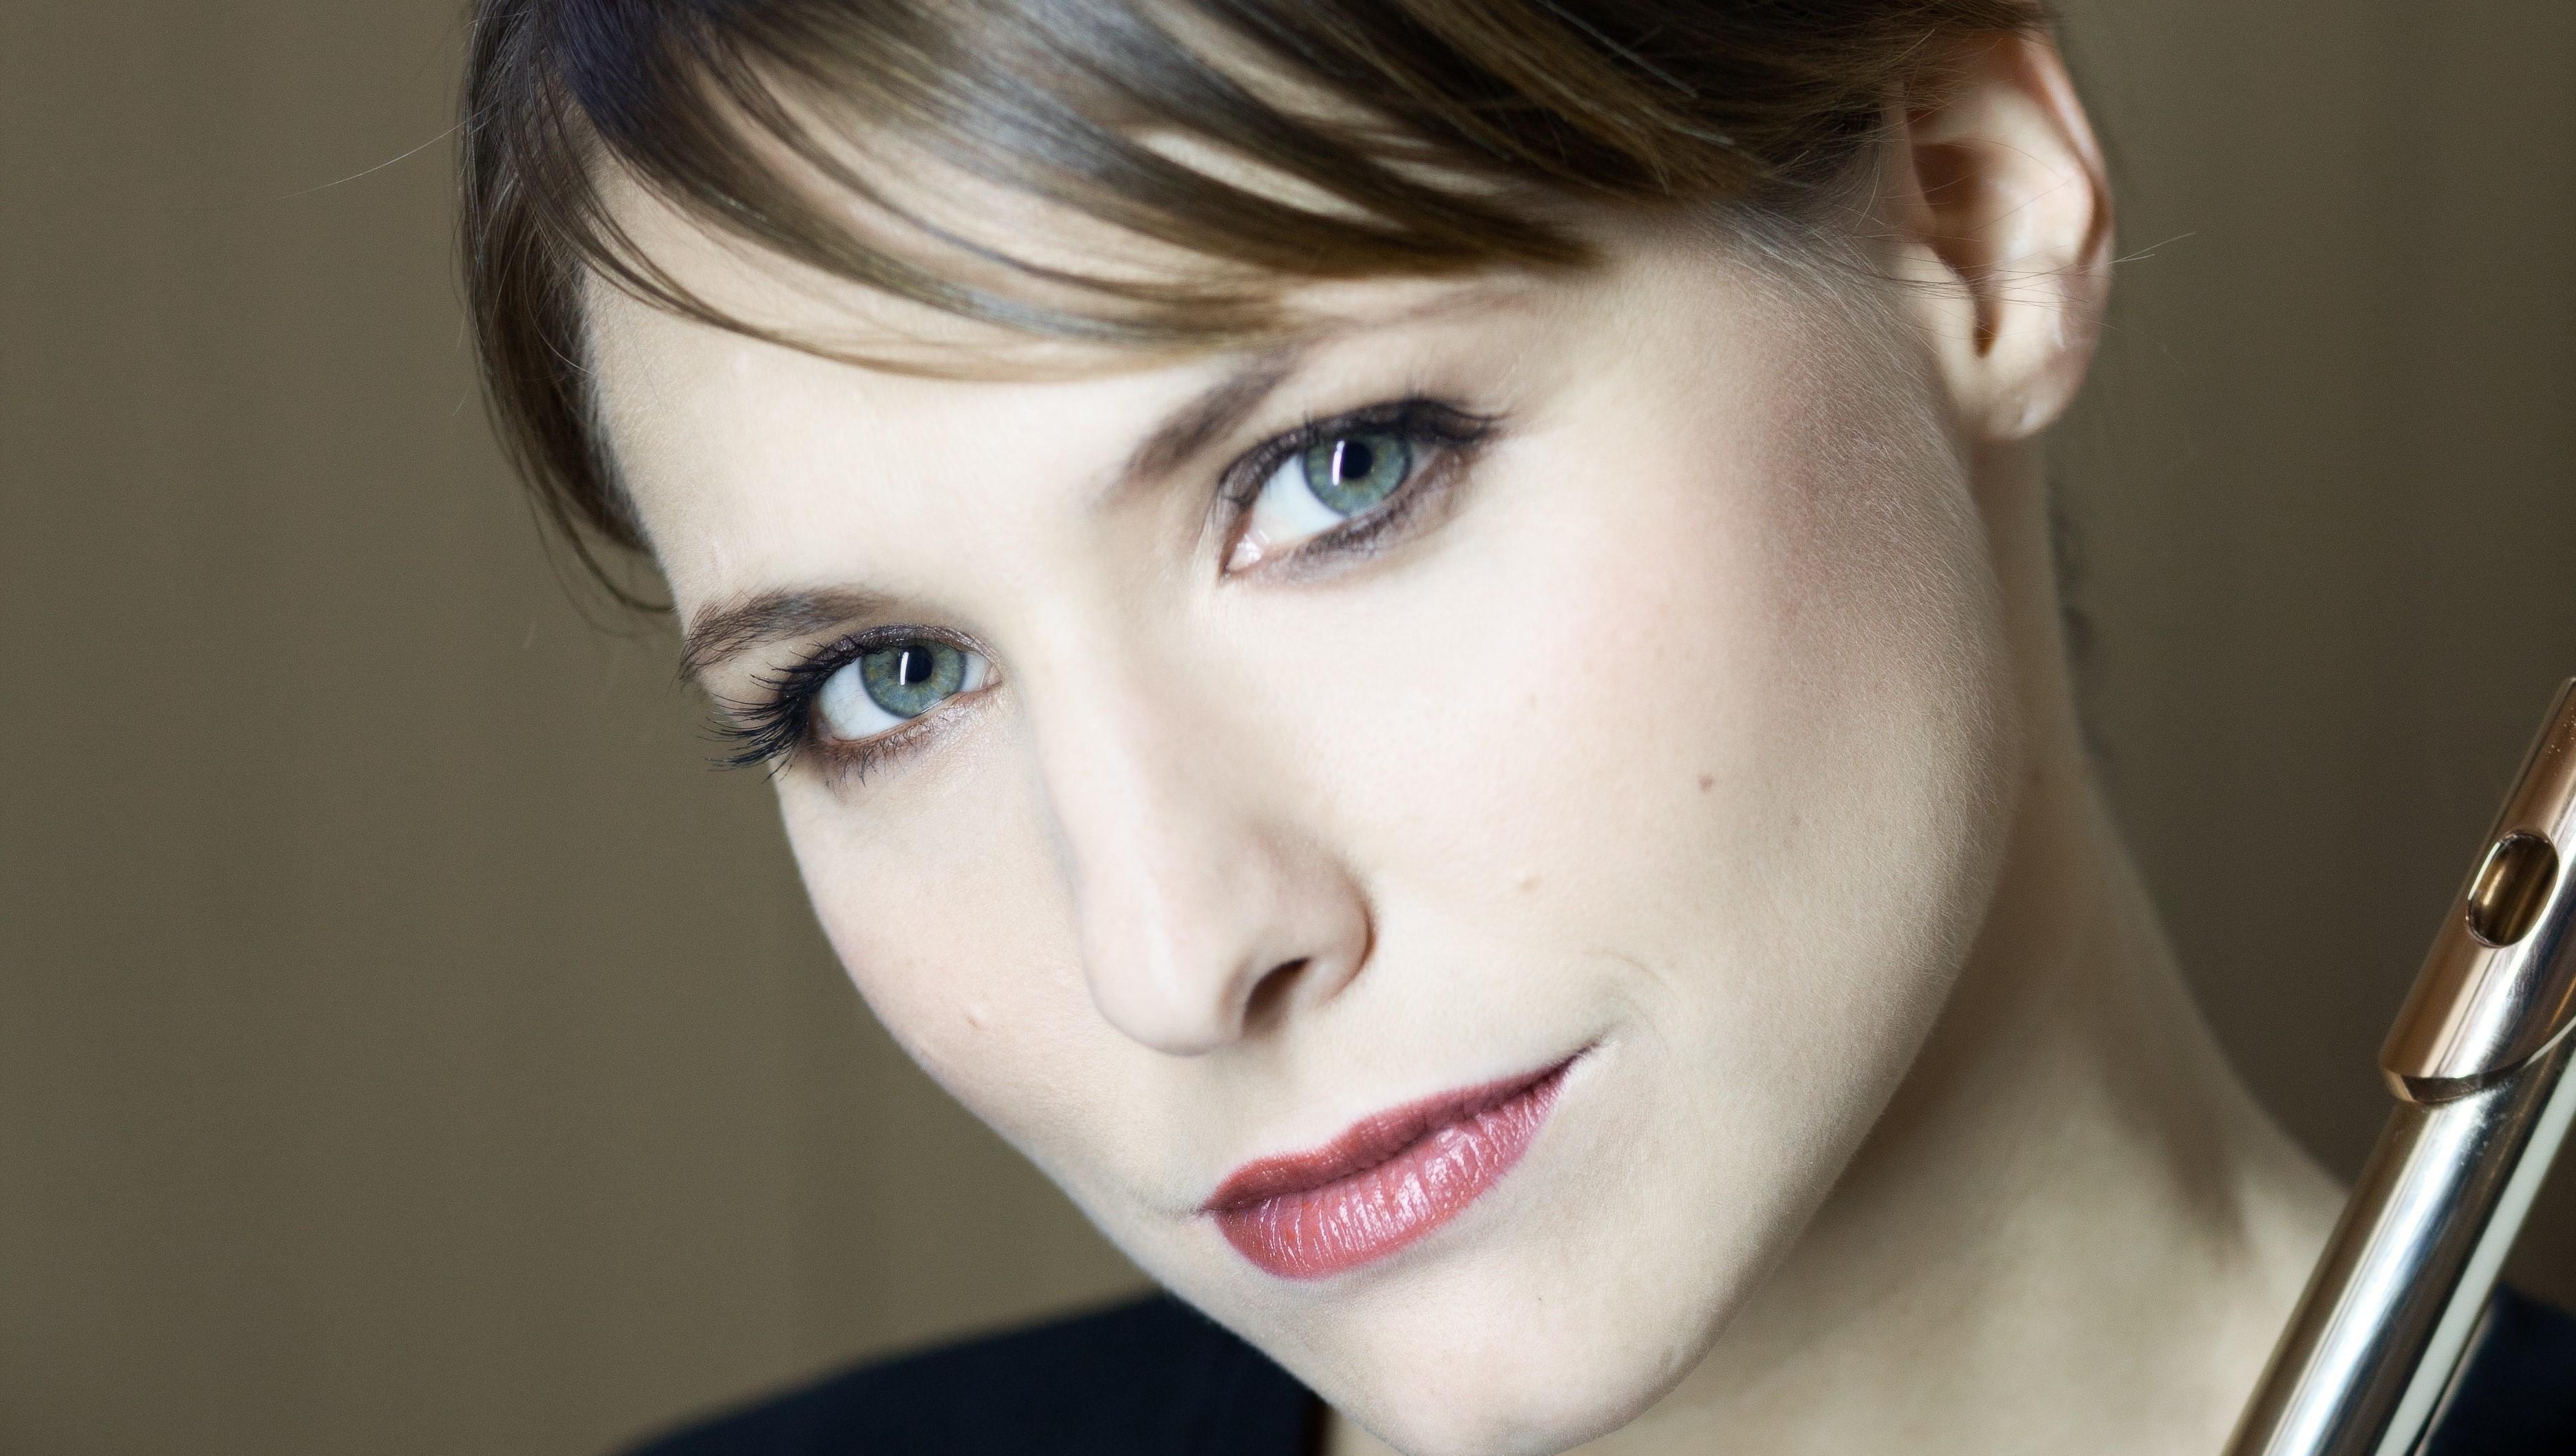 Aniela Frey